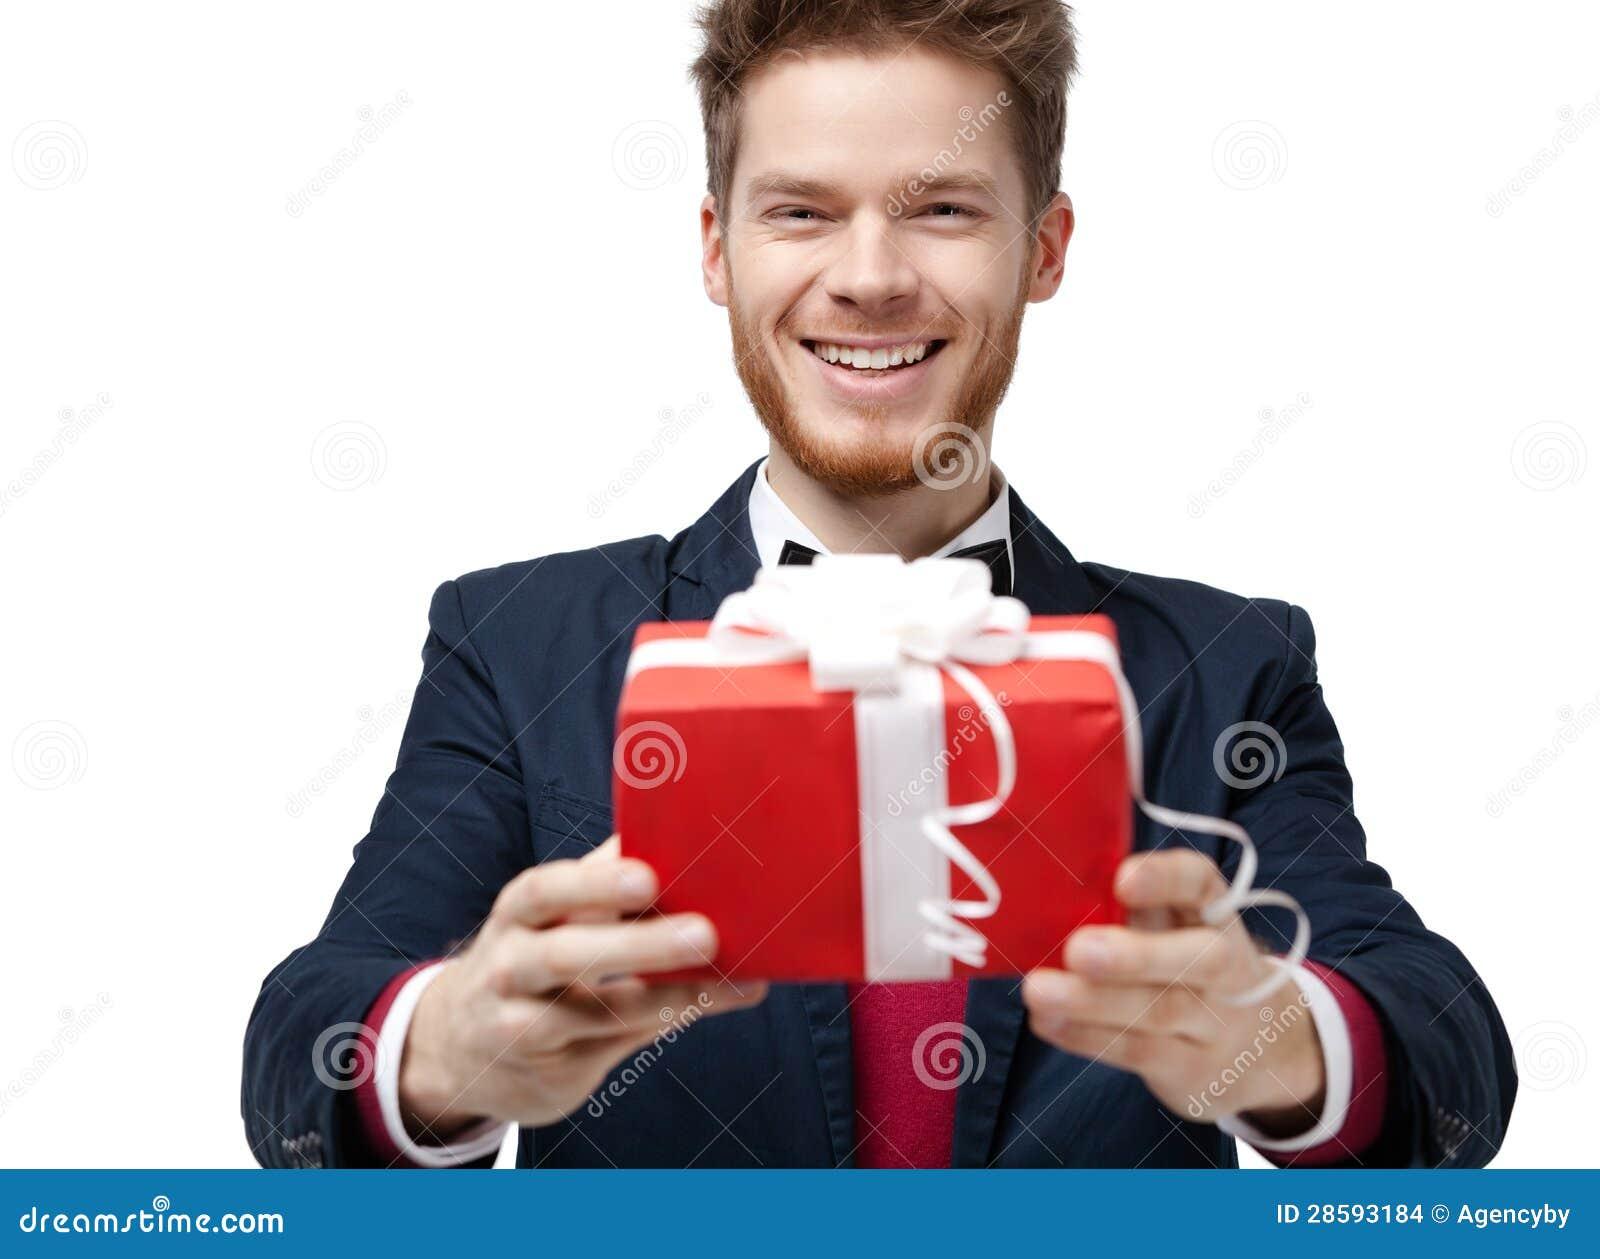 Сделать дорогой подарок парню или нет